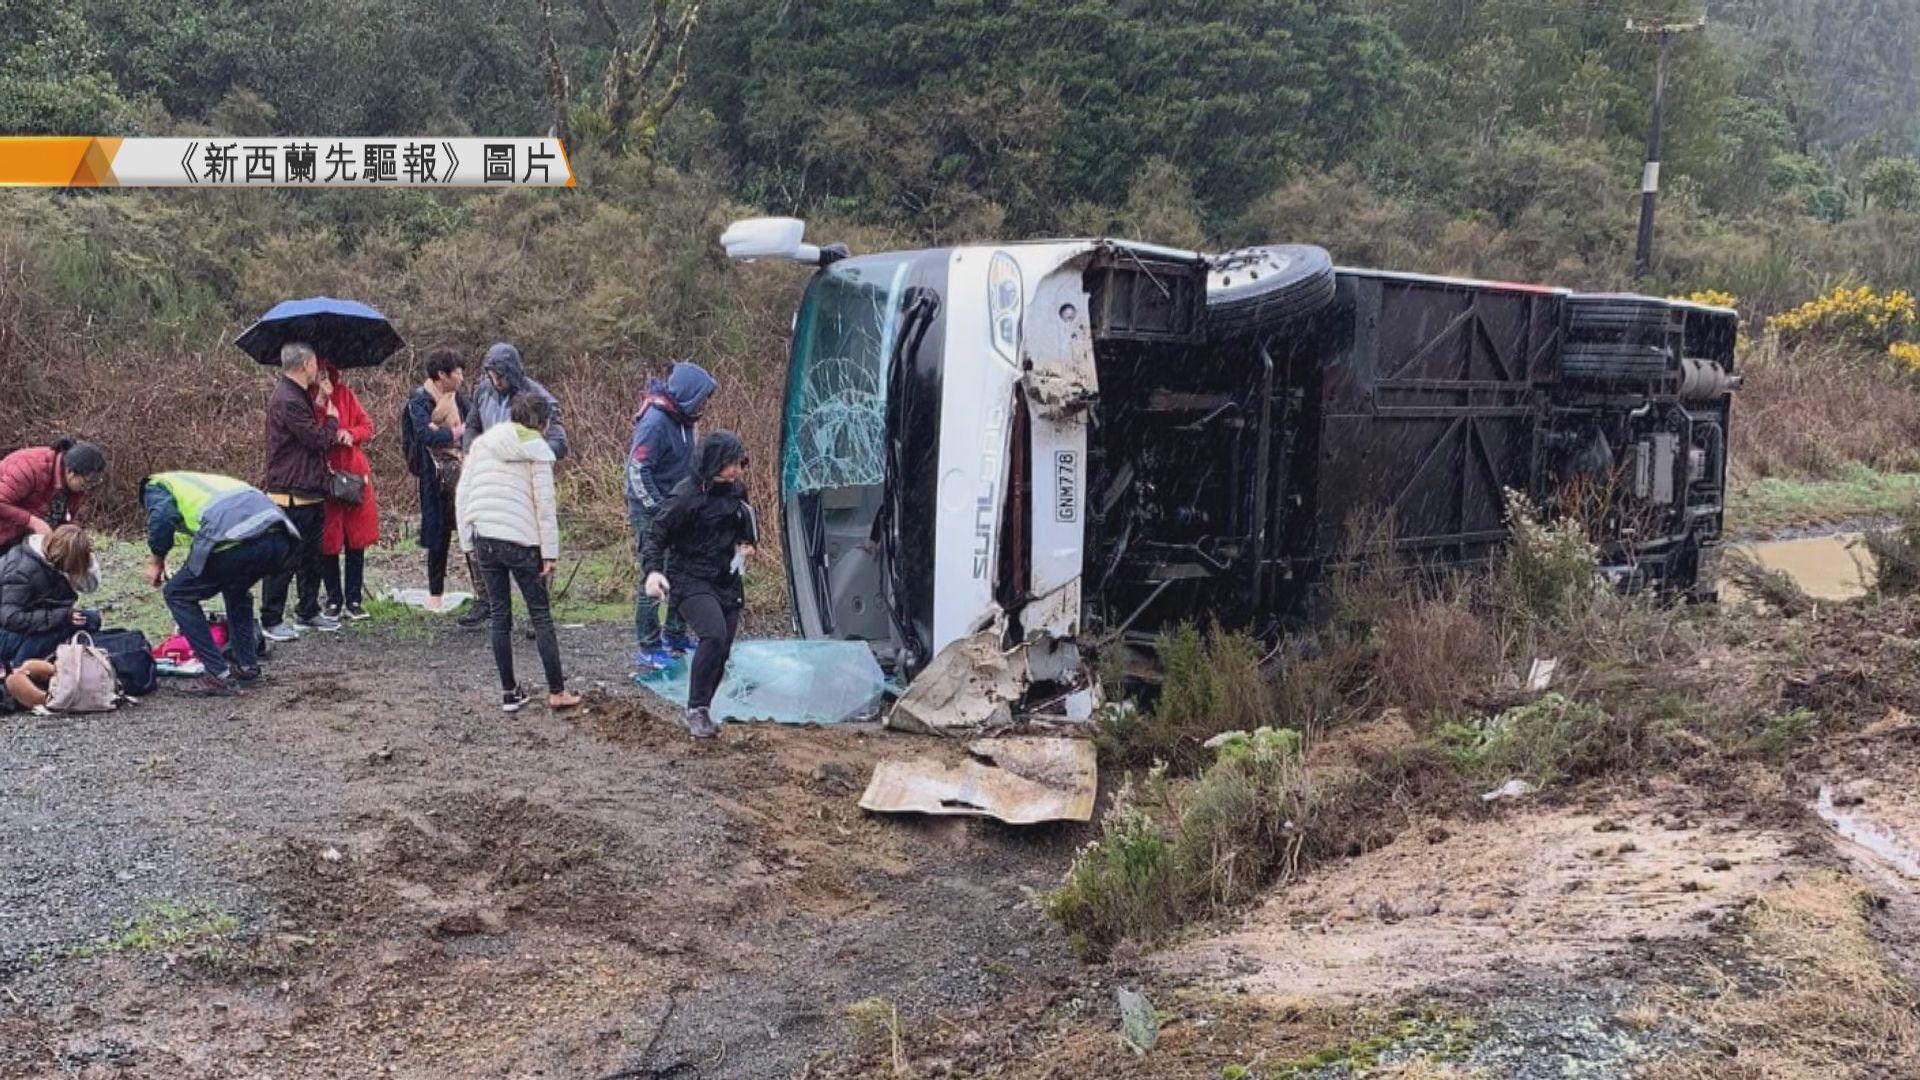 中國旅行團在新西蘭遇車禍 五人死亡